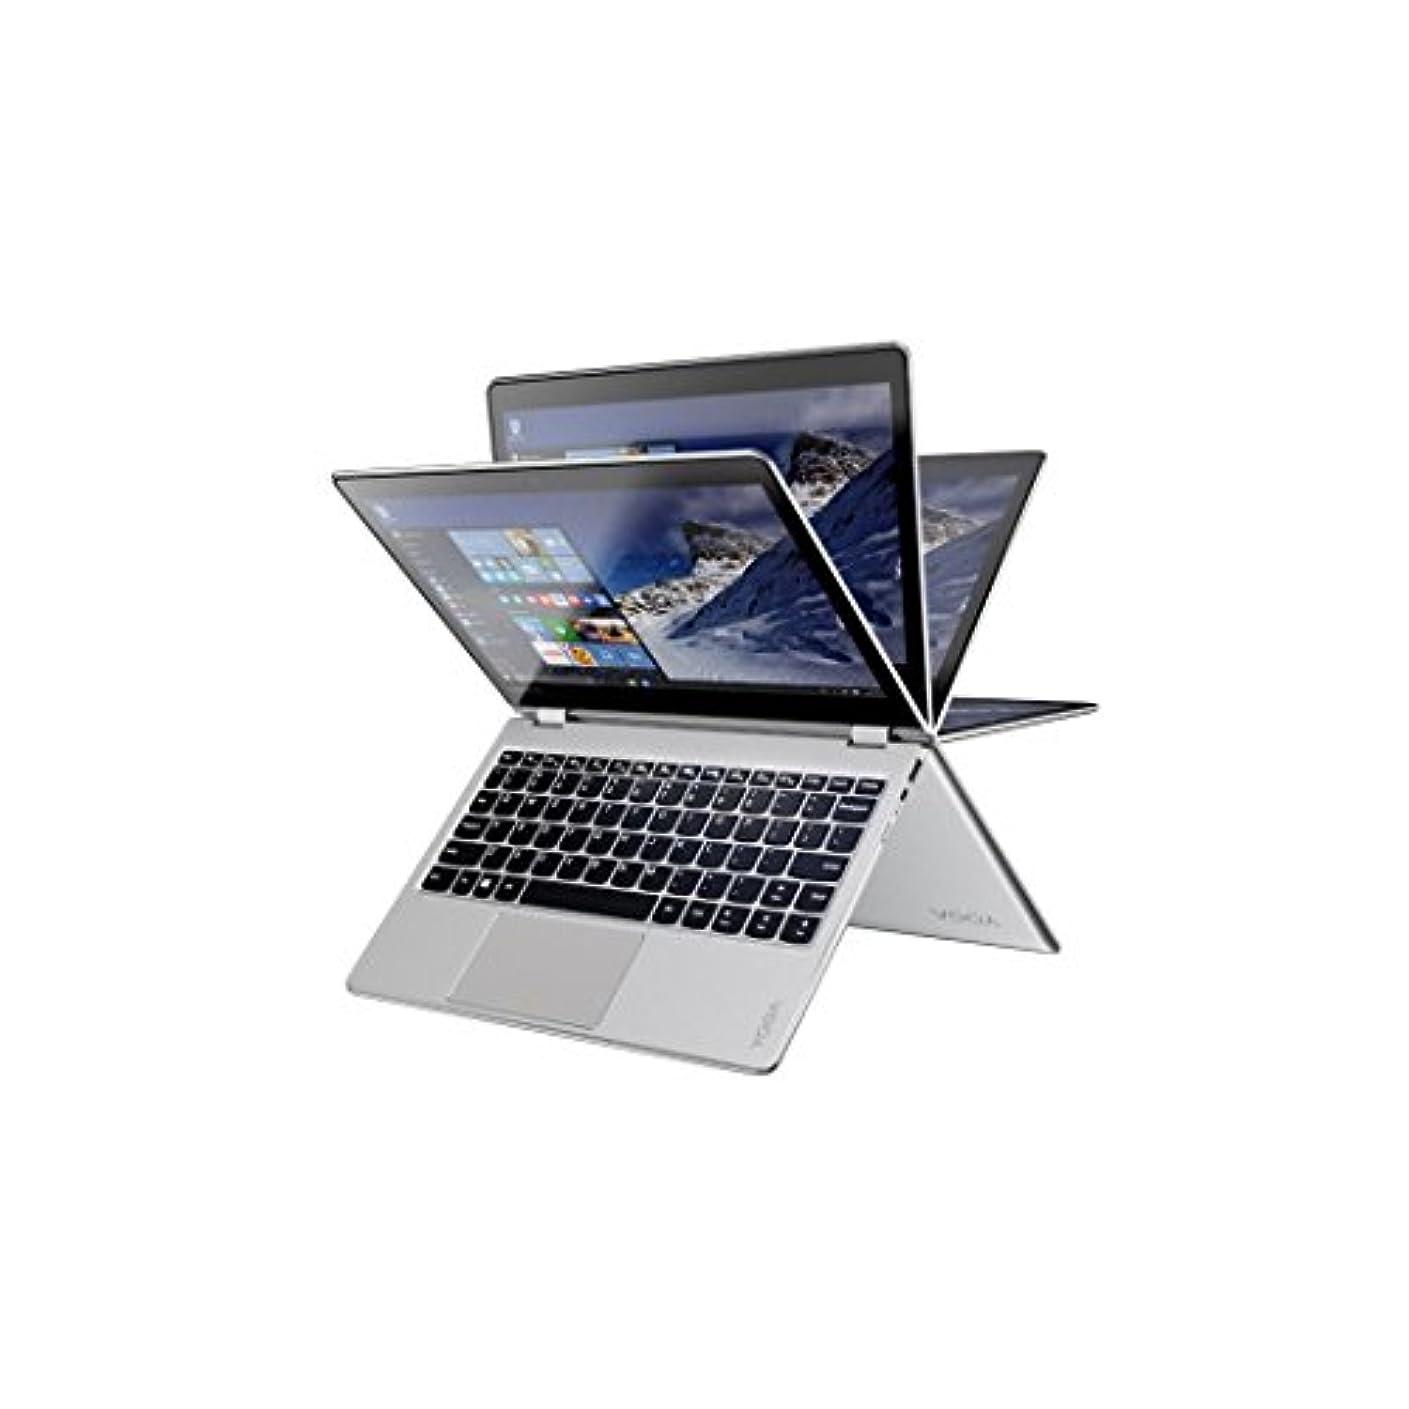 貨物土器快い【Windows10 Home搭載】Lenovo YOGA 710:Core i5プロセッサー搭載モデル(11.6型/8GBメモリー/256GB SSD/Officeなし/プラチナシルバー)【レノボノートパソコン】【受注生産モデル】 80V6000XJP